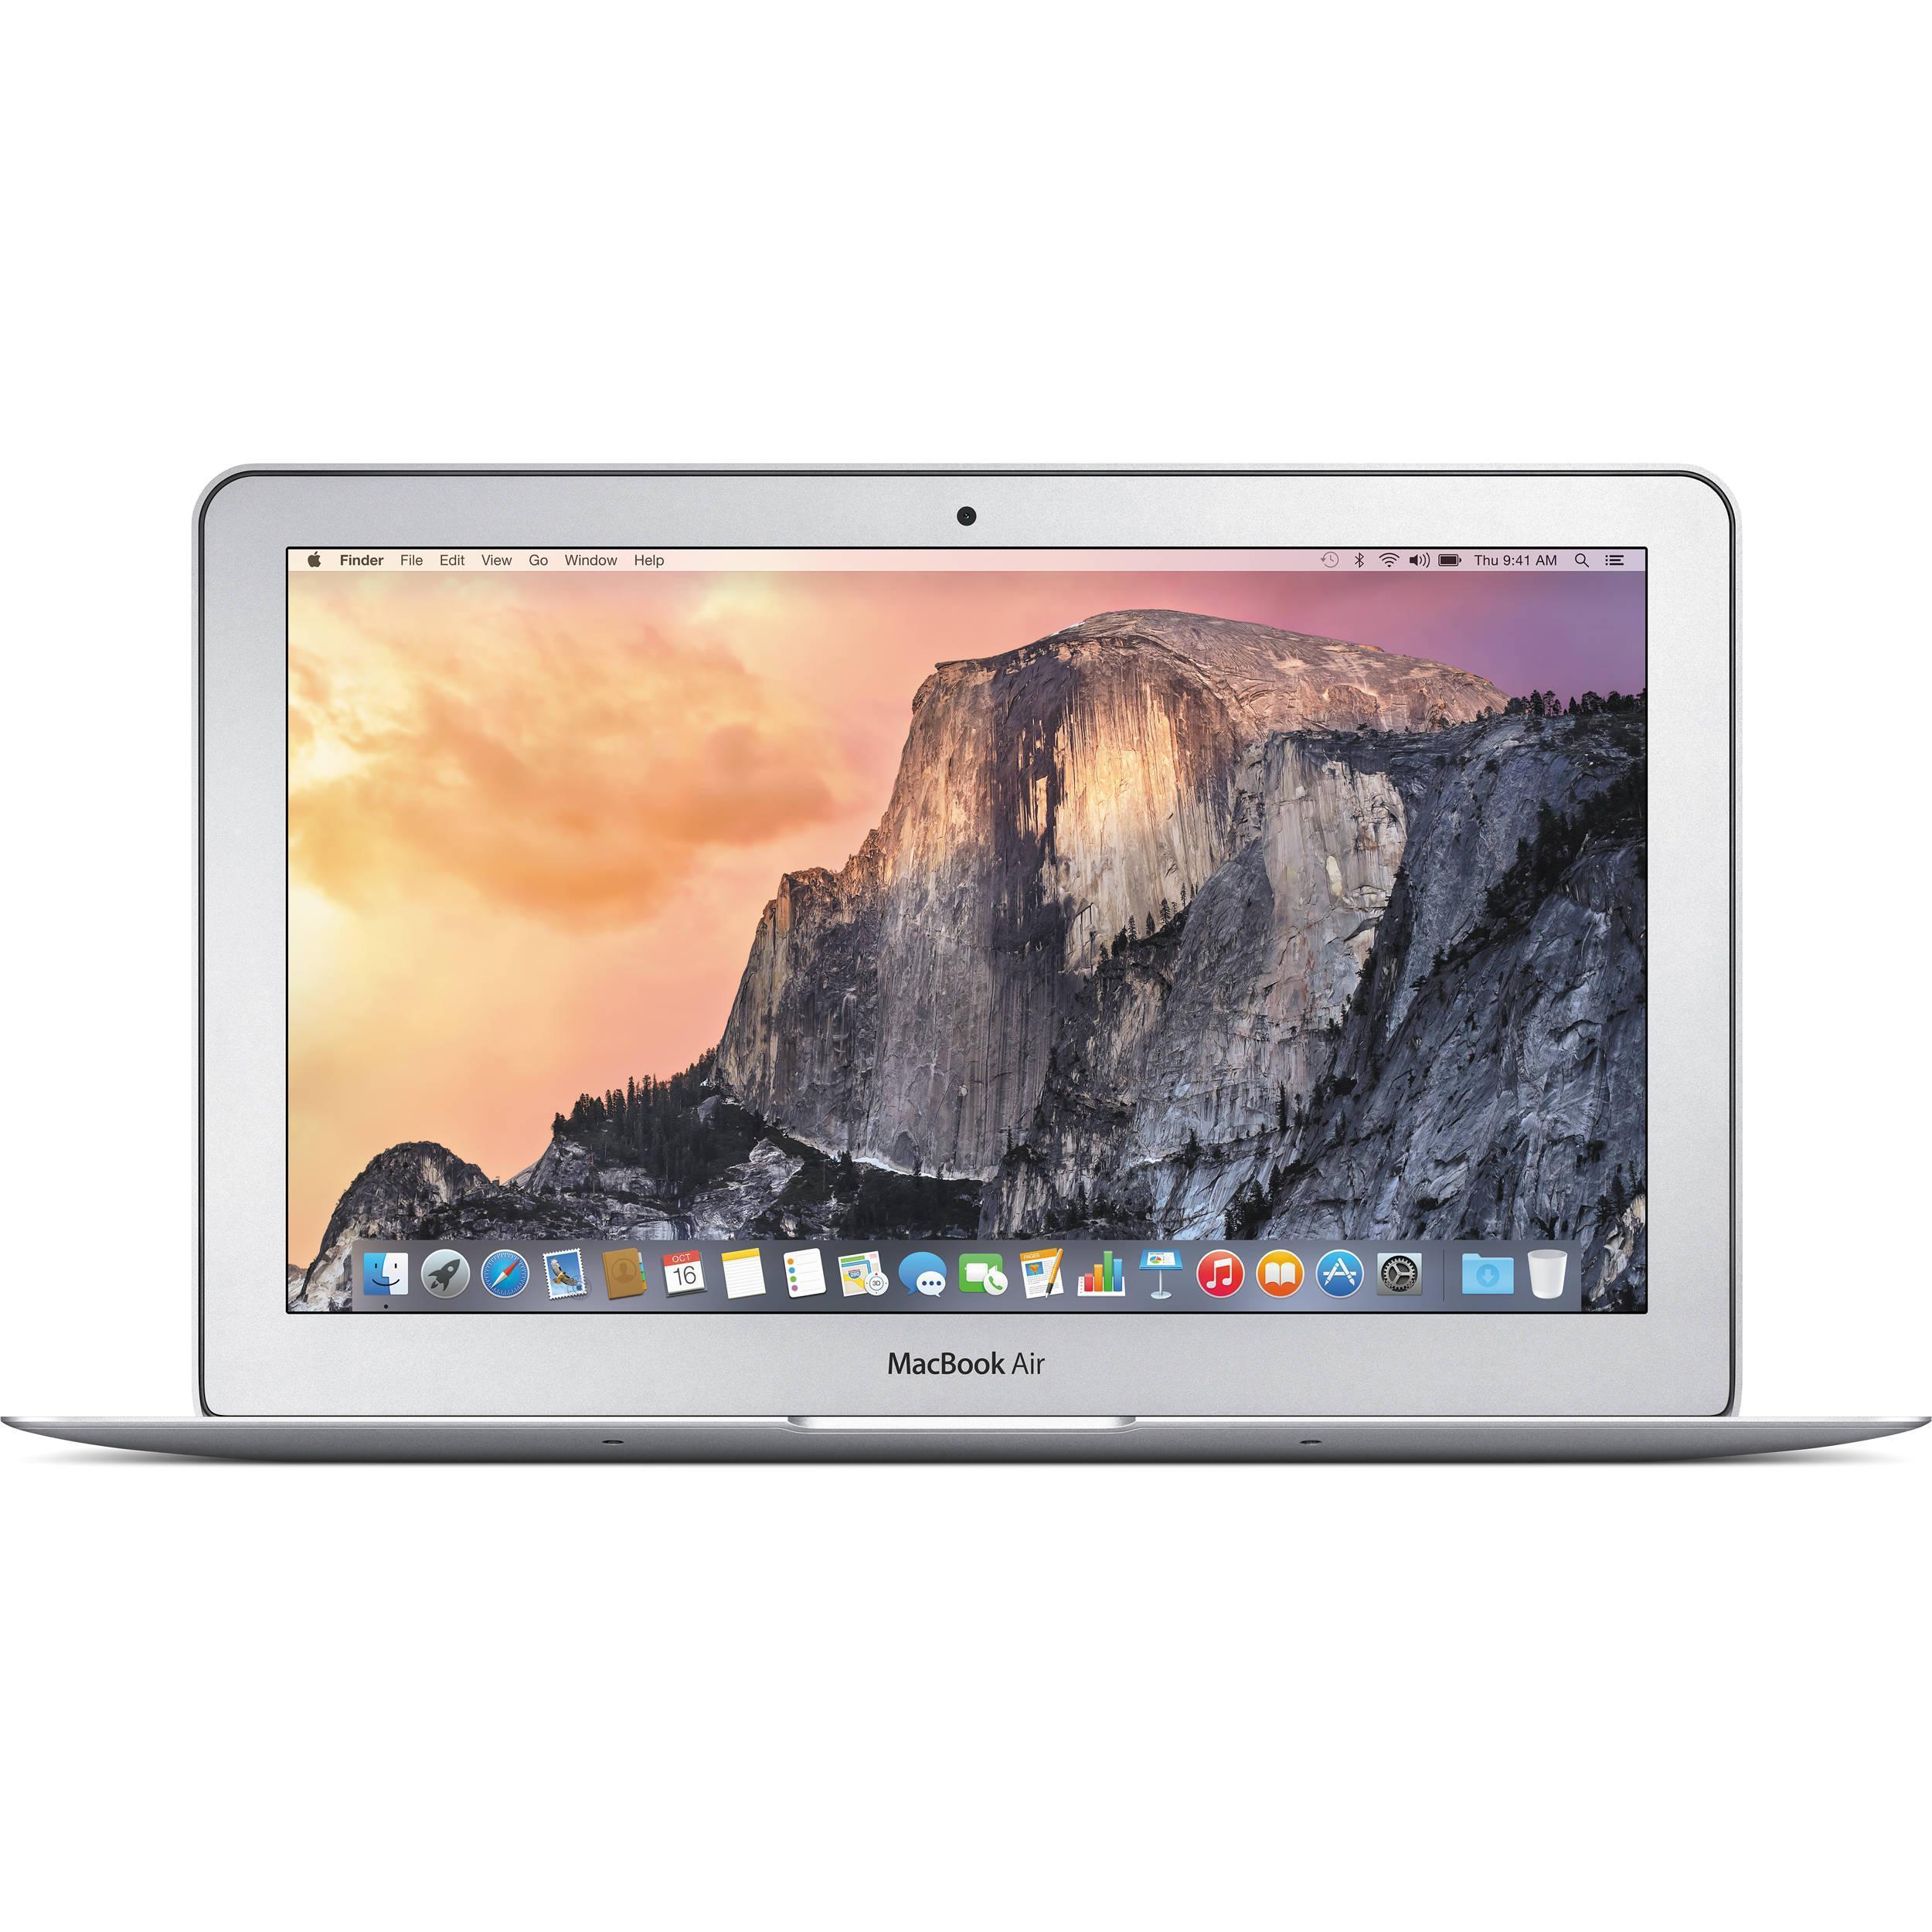 MacBook Air 11.6-inch (2015) - Core i5 - 2GB - SSD 128 GB